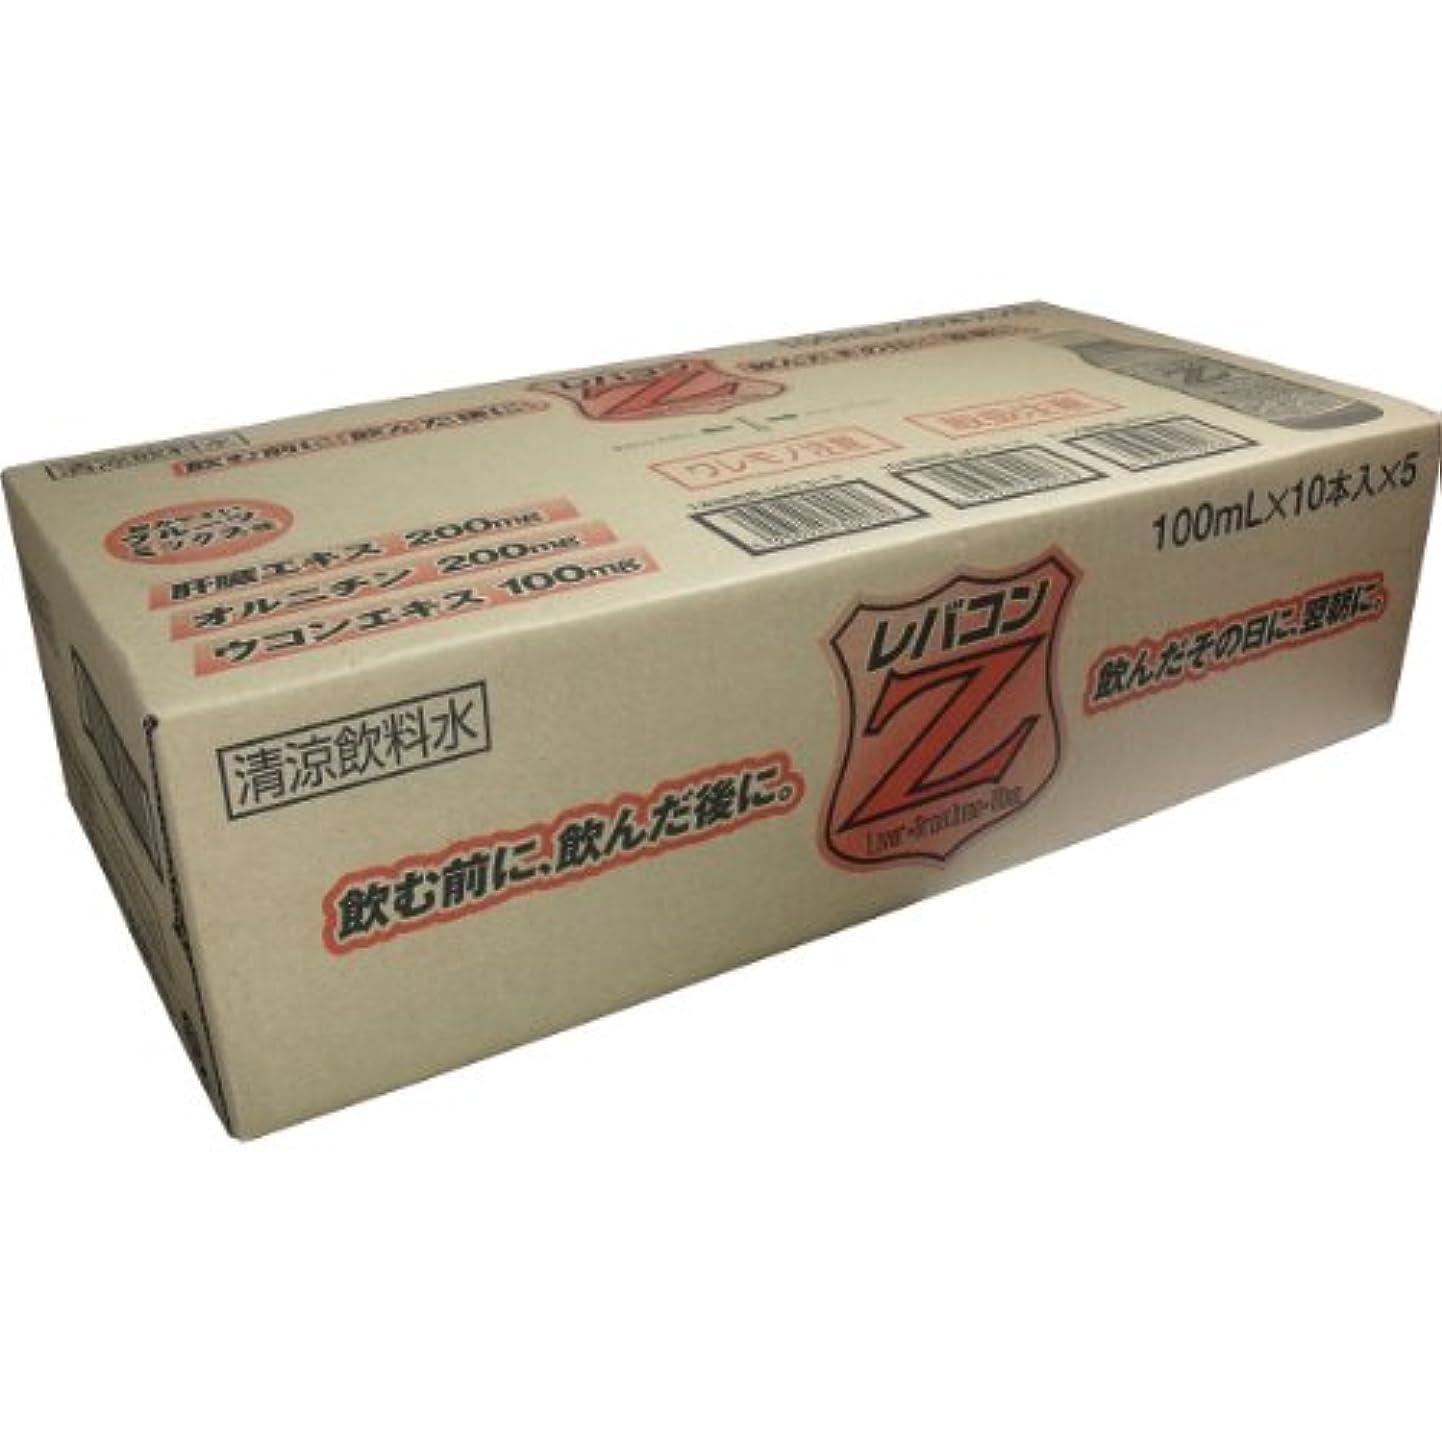 レバコンZ 100mLX50本入(ケース販売)